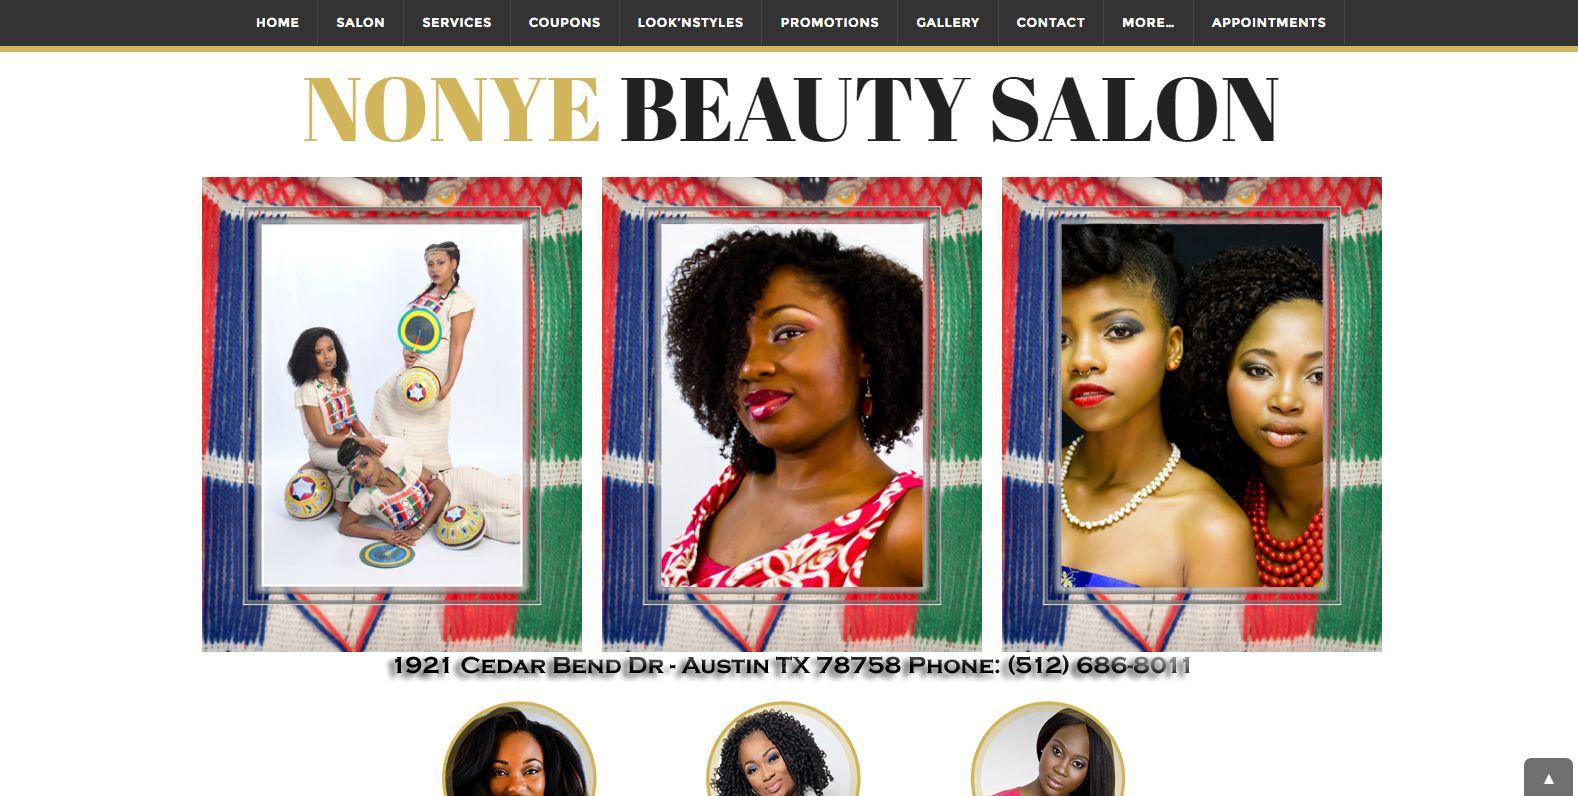 Nonye Hair Braiding 512 686 8011 Austin Tx 78758 Black Hair Salons Salon Services Hair Salon